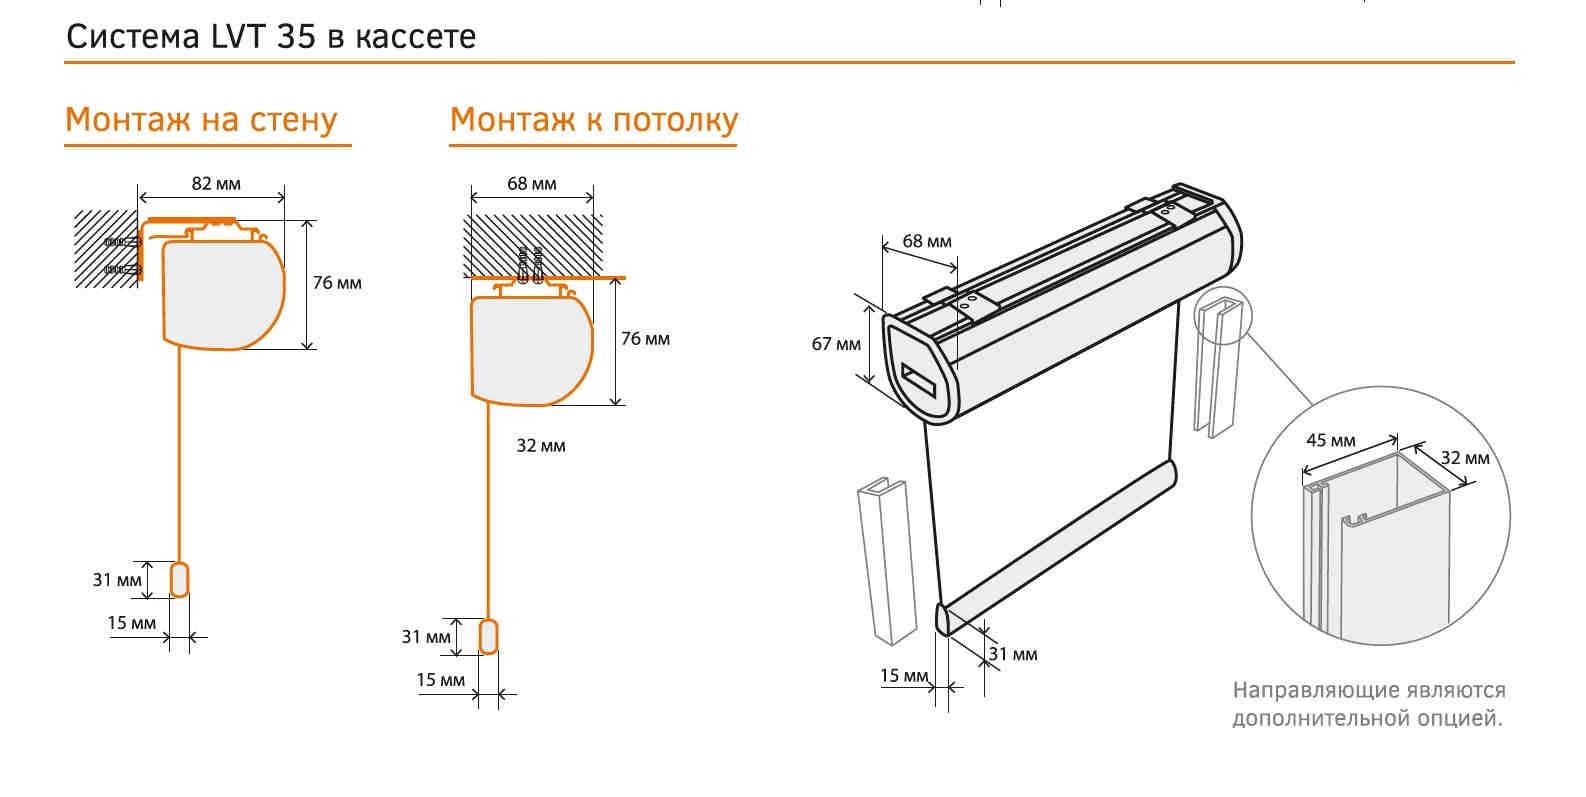 montazhnye razmery rulonnaya shtora Akko kasset LVT35